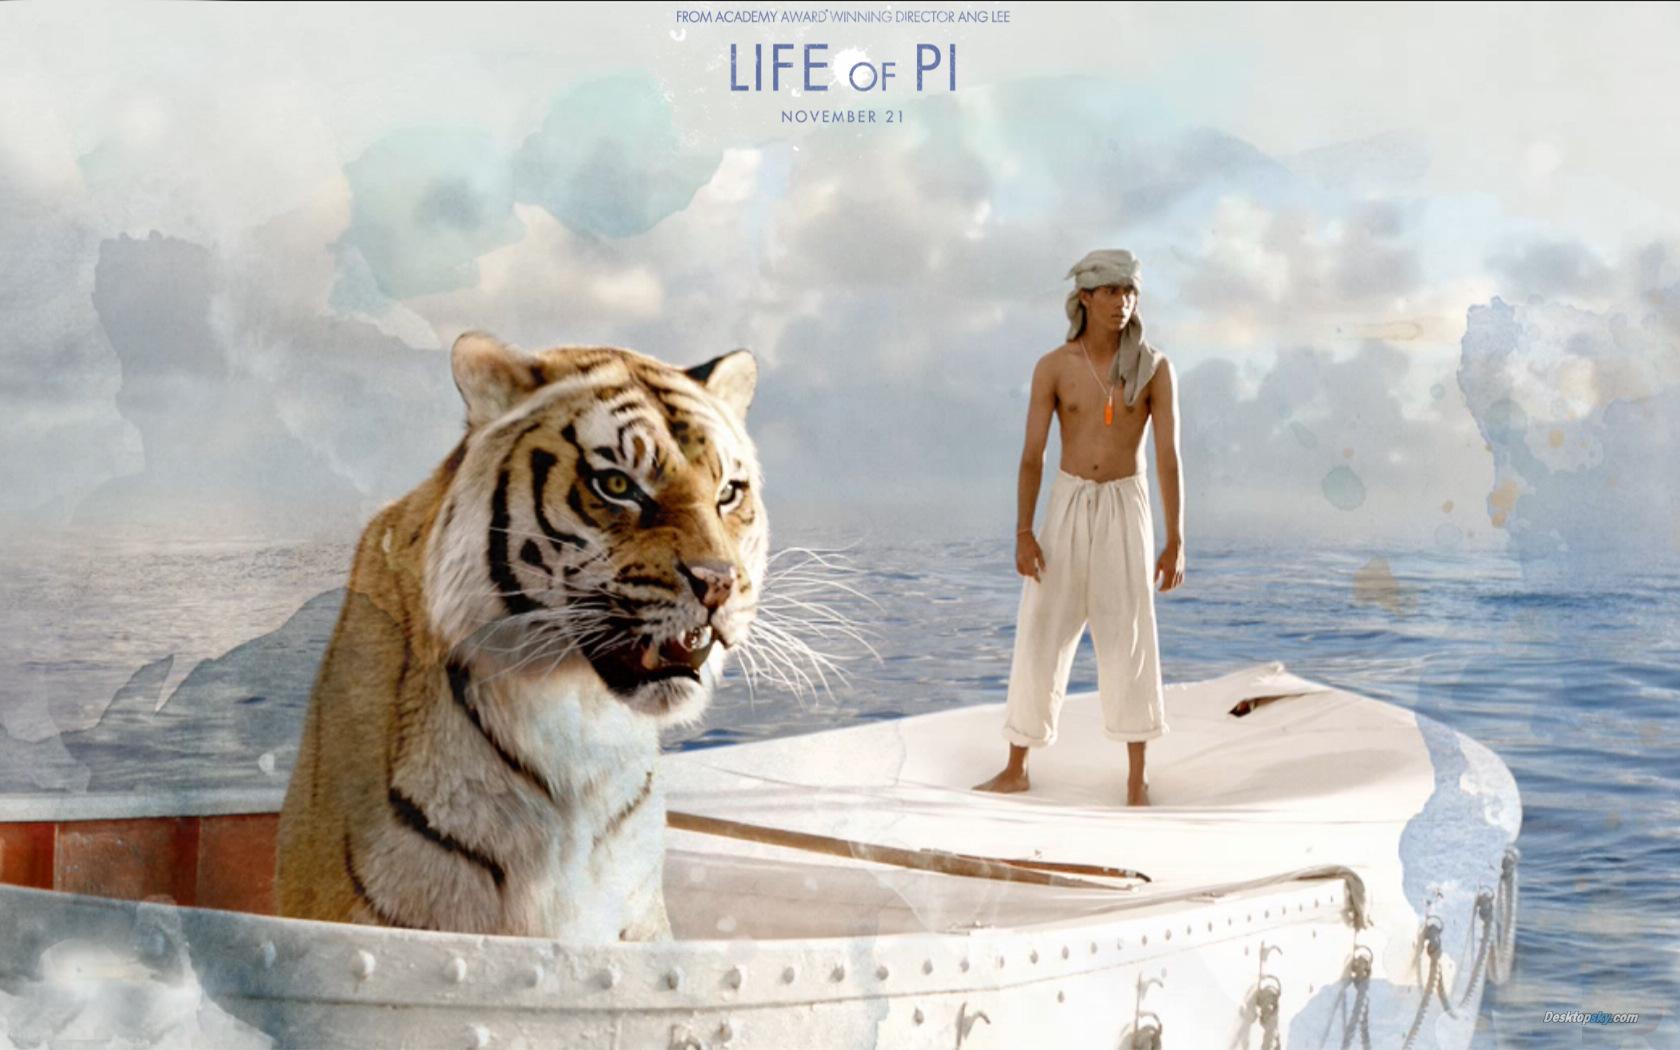 《看‧電影》這隻老虎很搶戲‧少年pi的奇幻漂流3D LIFE of PI觀後有感 @penny小食光輕旅行